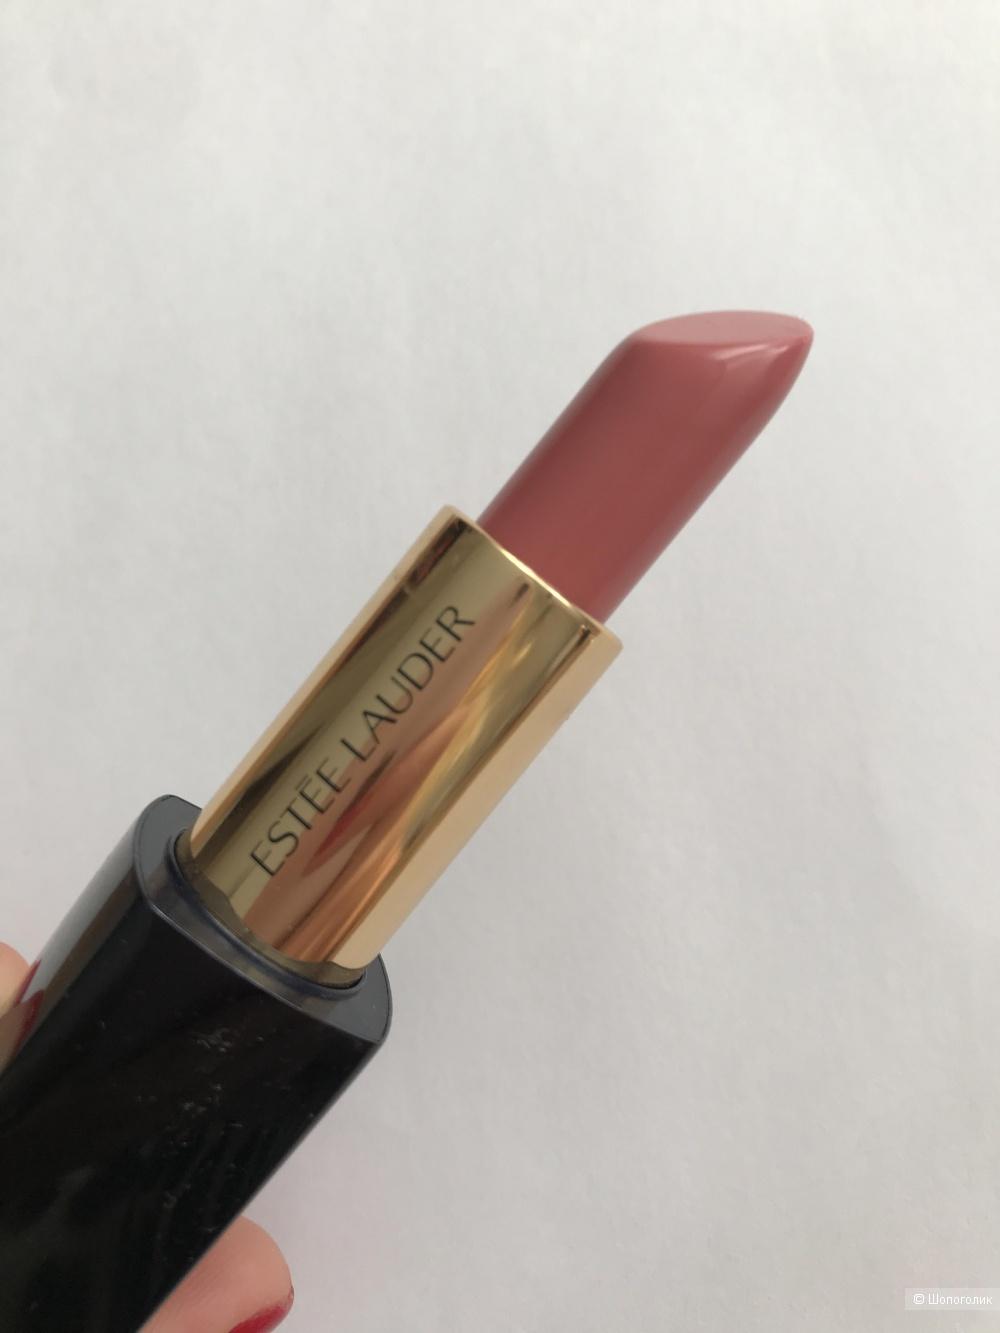 Estee Lauder Pure Color Envy lipstick Губная помада, 210.